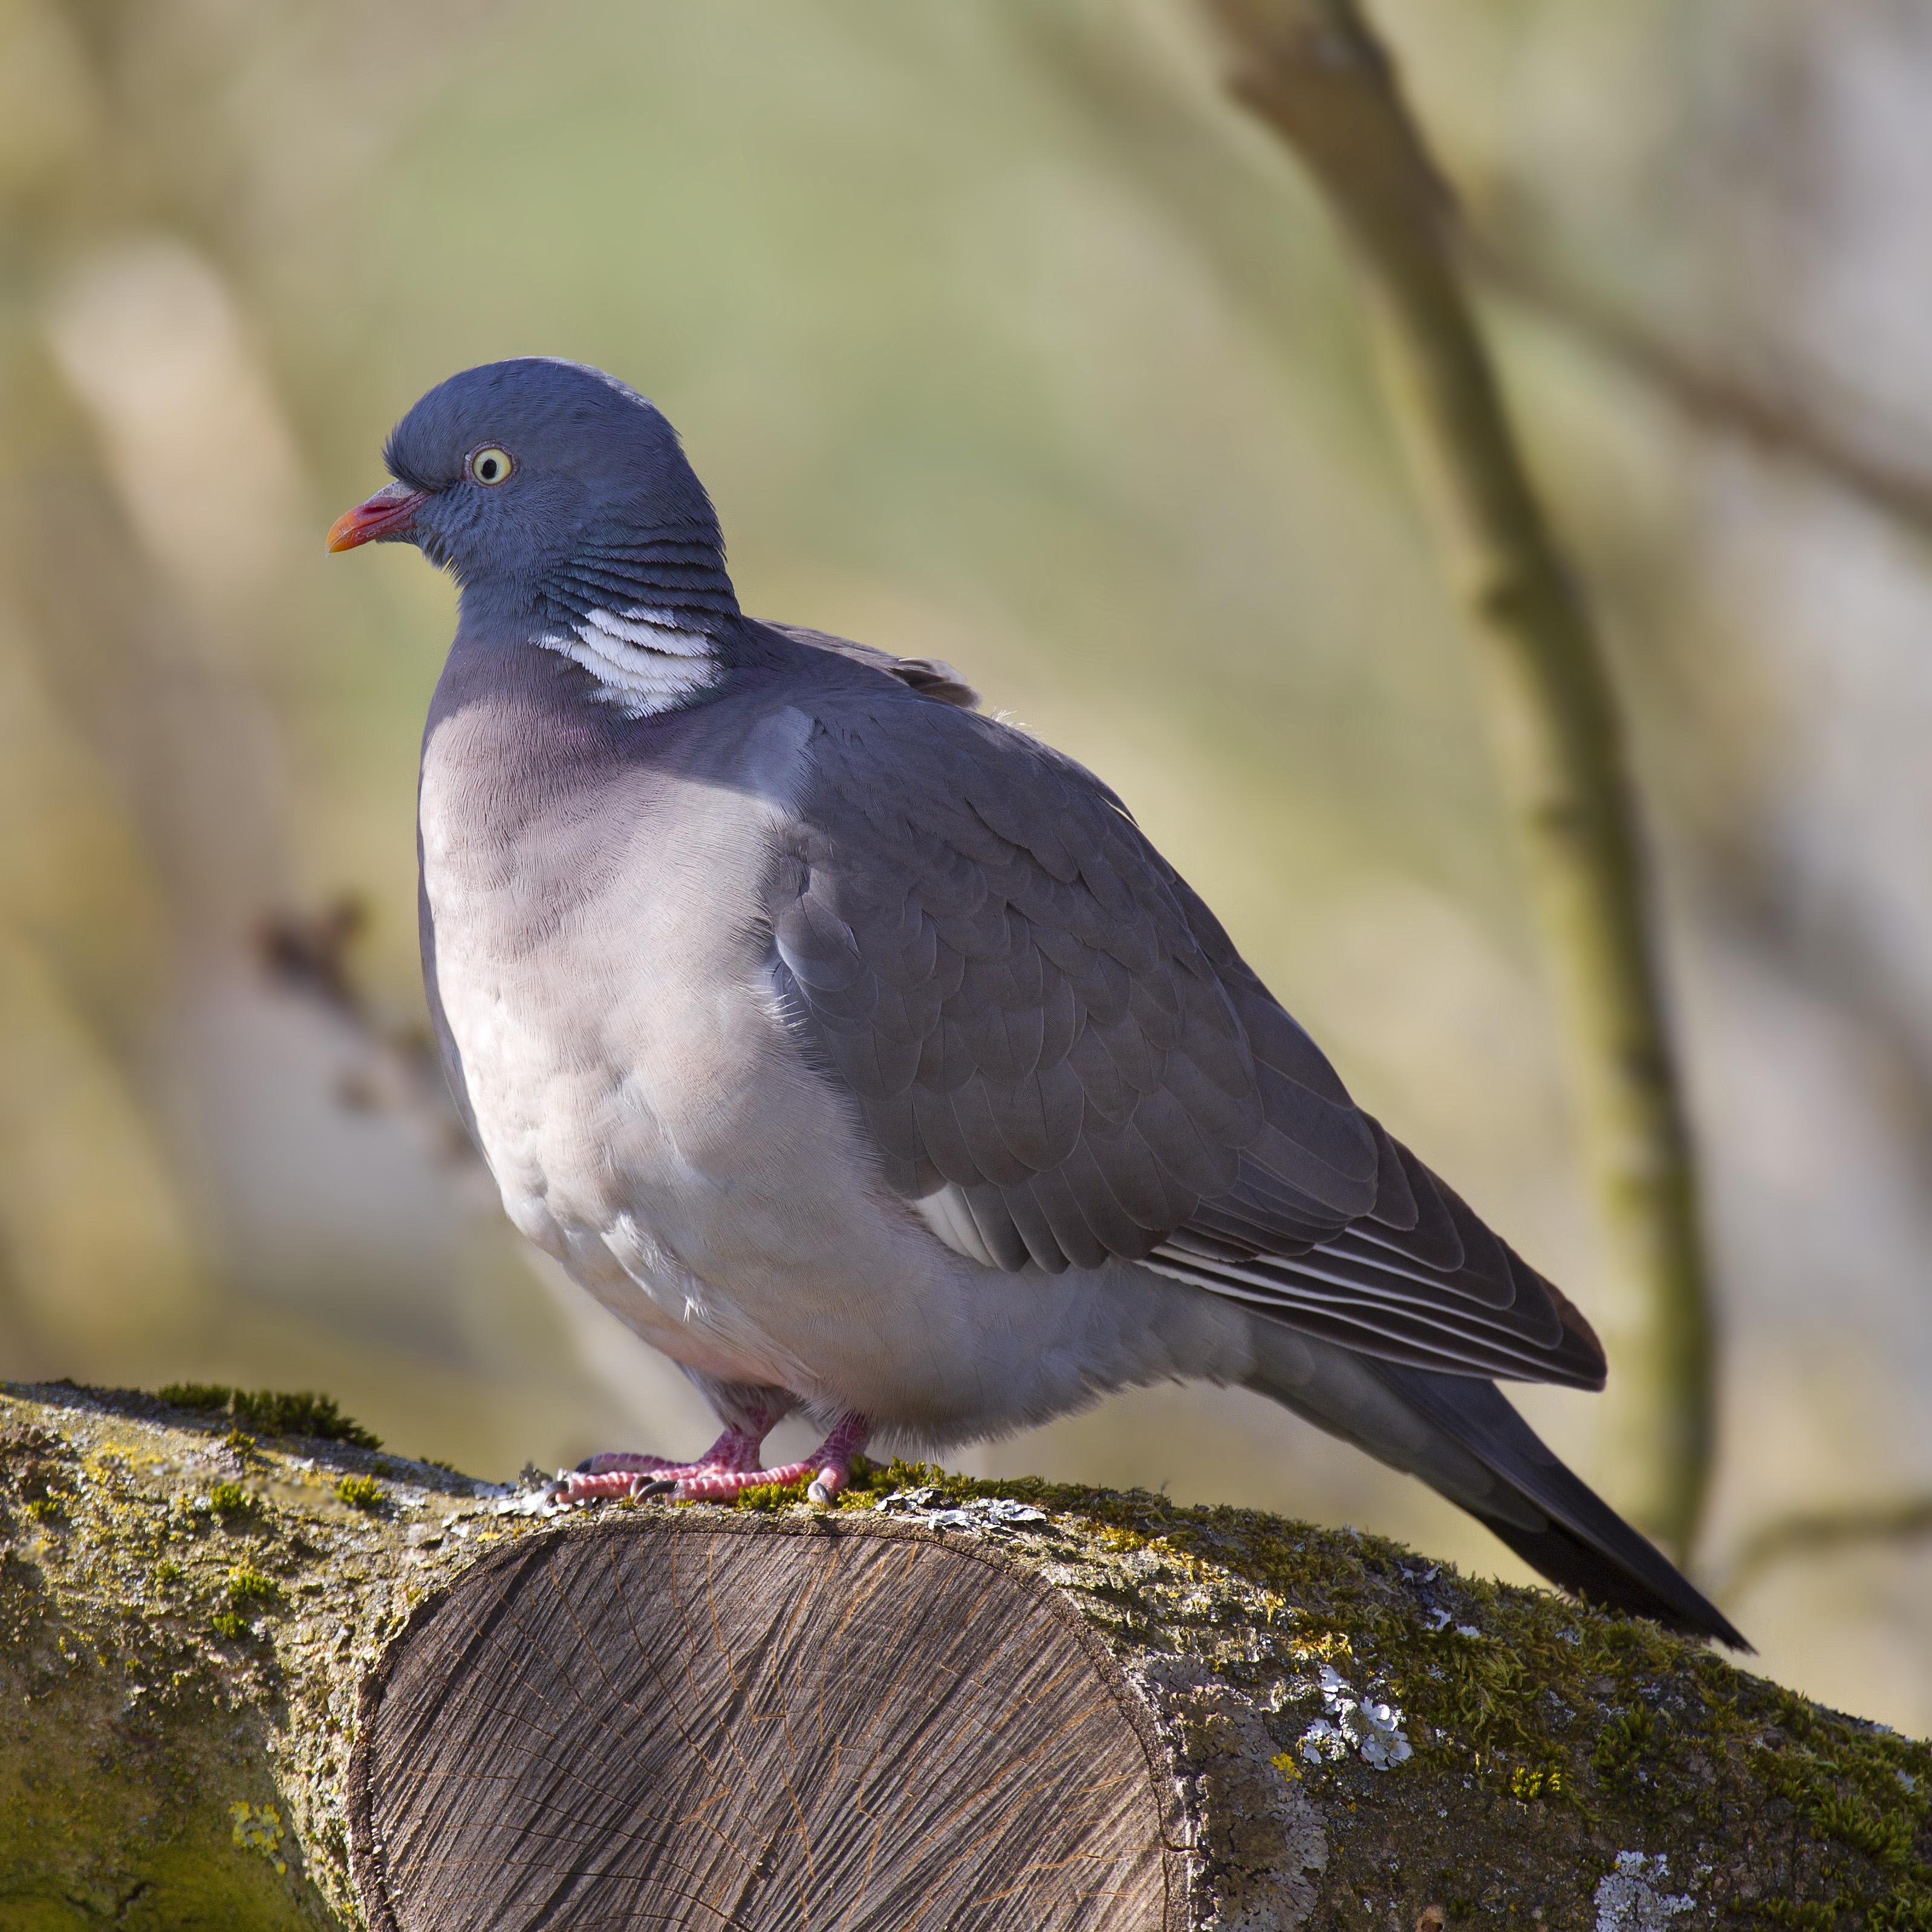 голубь фото птицы размеры велосипедной прогулки